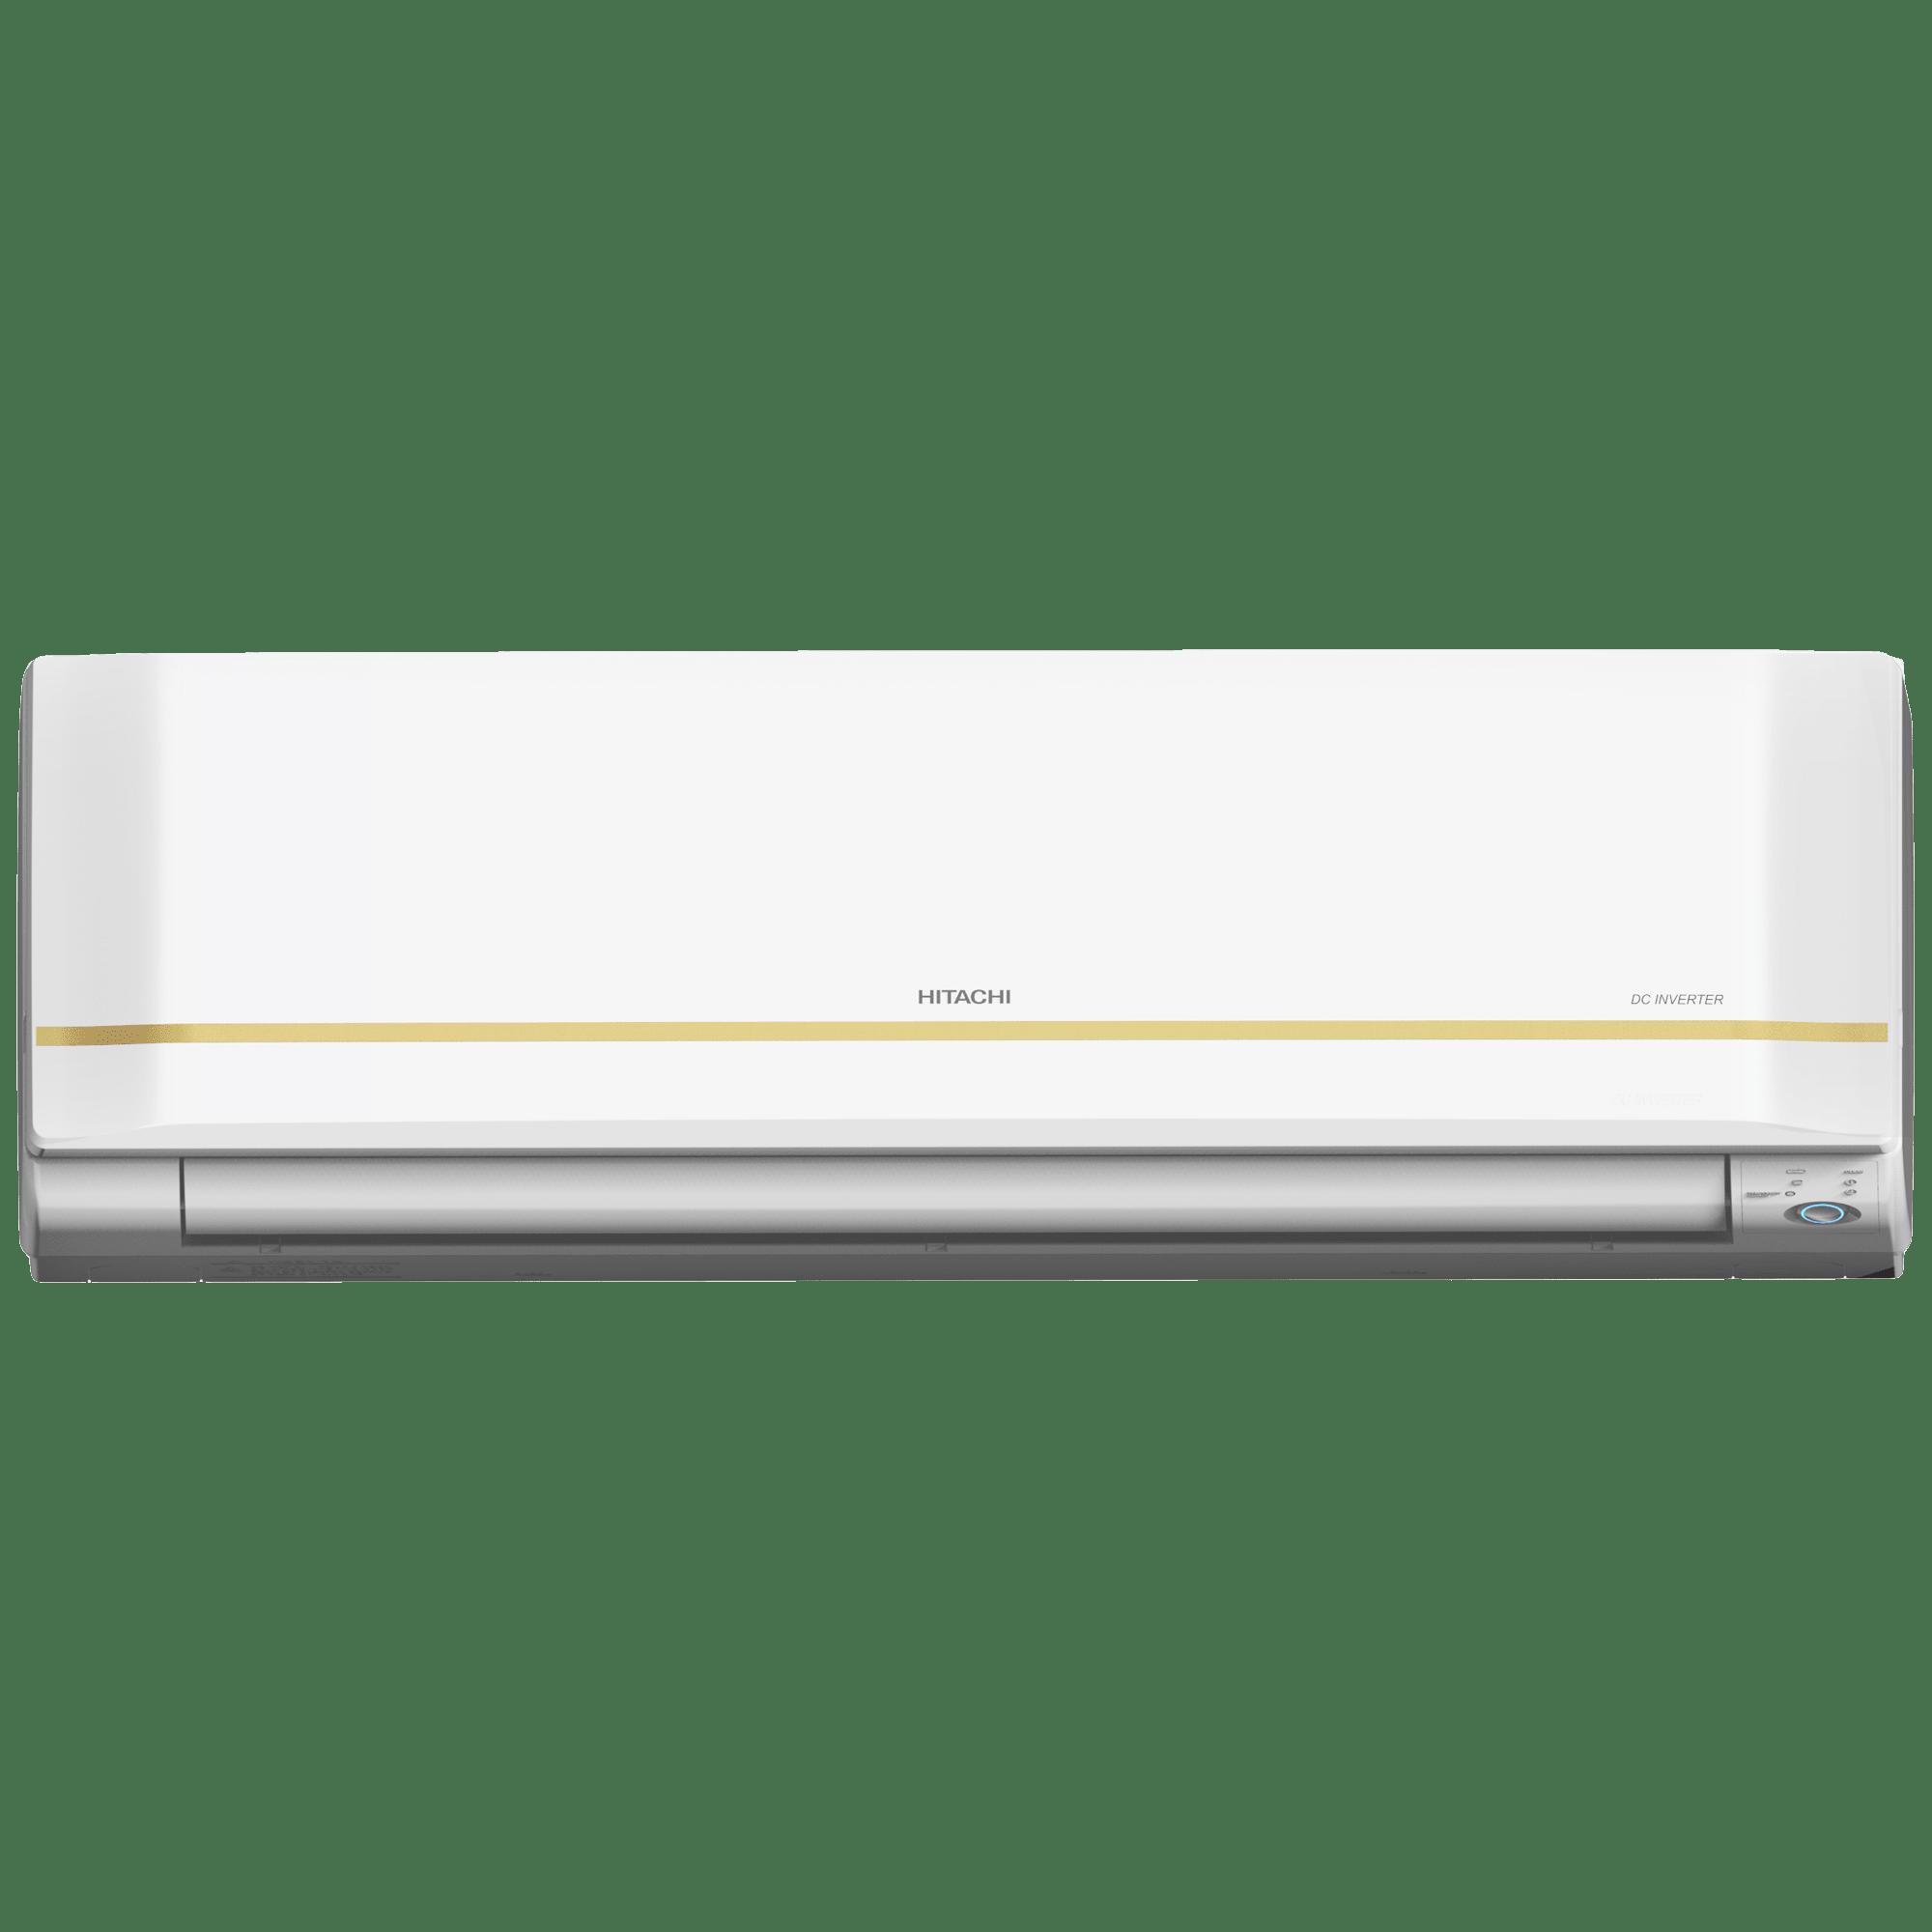 Hitachi Kiyora 5100X 2 Ton 5 Star Inverter Split AC (Copper Condenser, RMRG524HEEA, White)